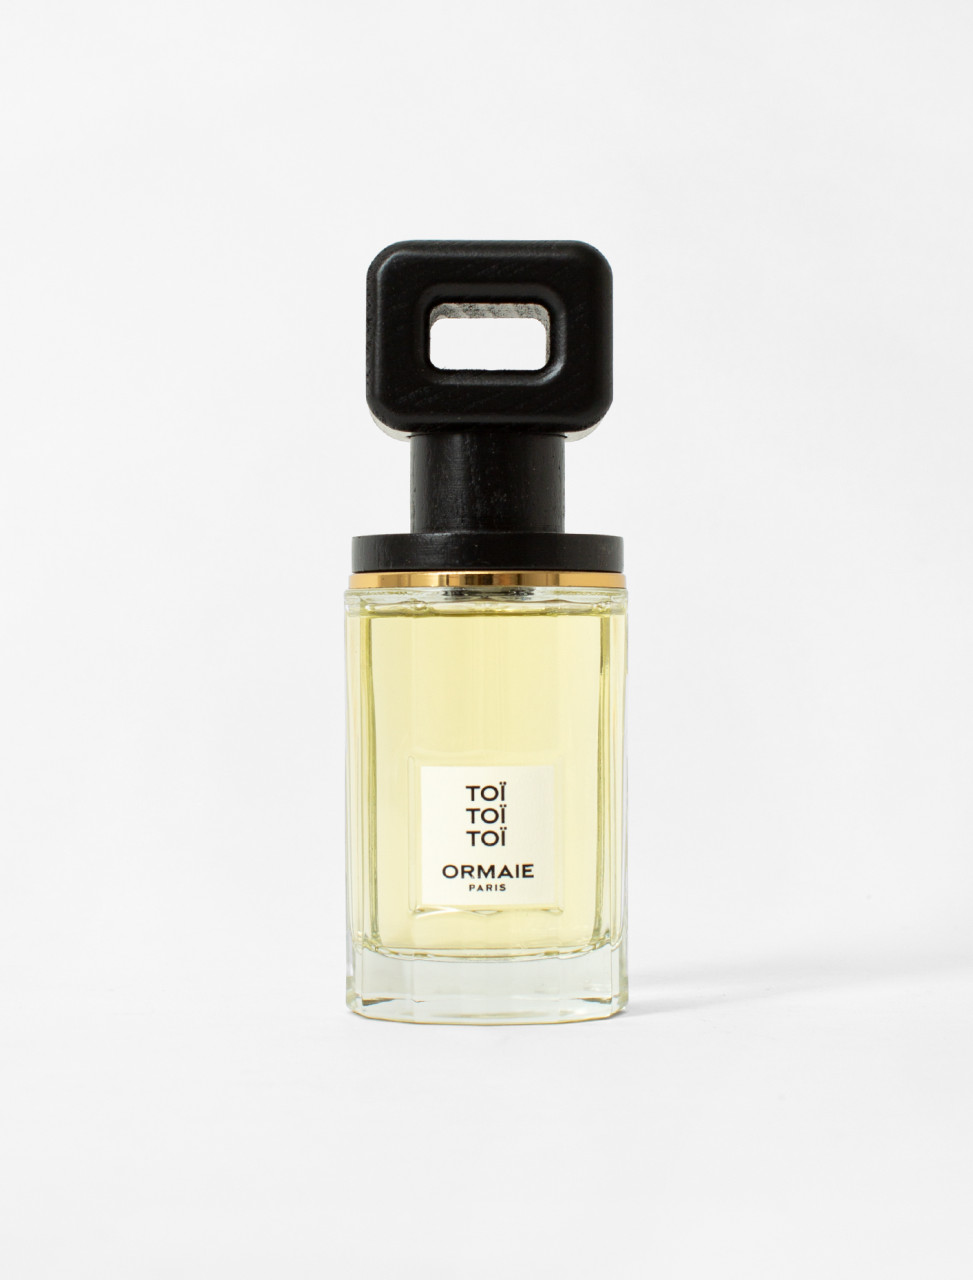 Toï Toï Toï - Eau de Parfum 100 ml